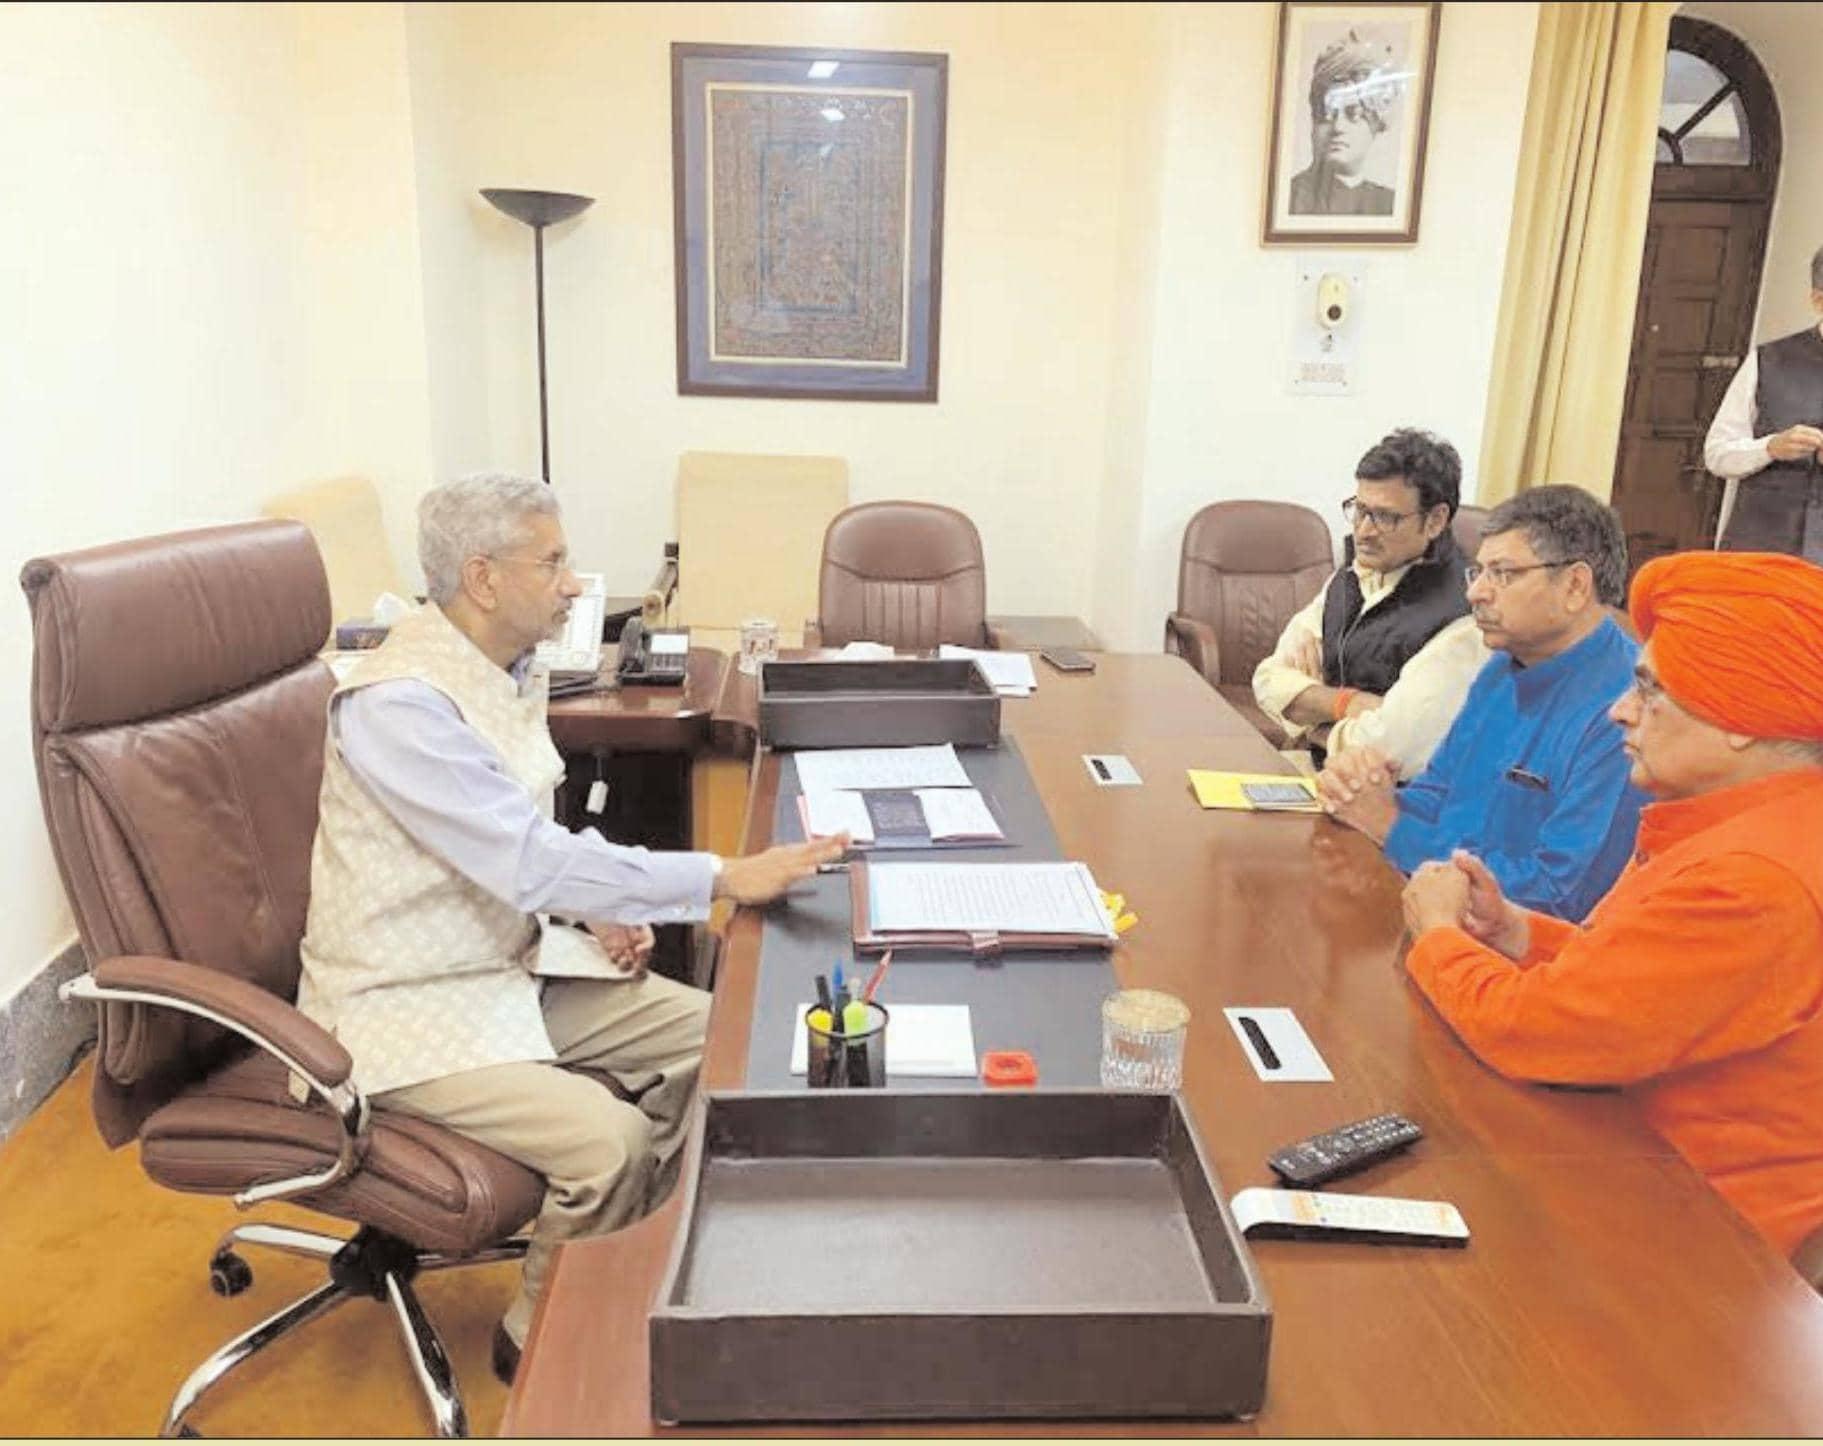 विदेश में फंसे भारतीय छात्रों की शीघ्र वतन वापसी के लिए उपनेता प्रतिपक्ष ने की विदेश मंत्री से मुलाकात